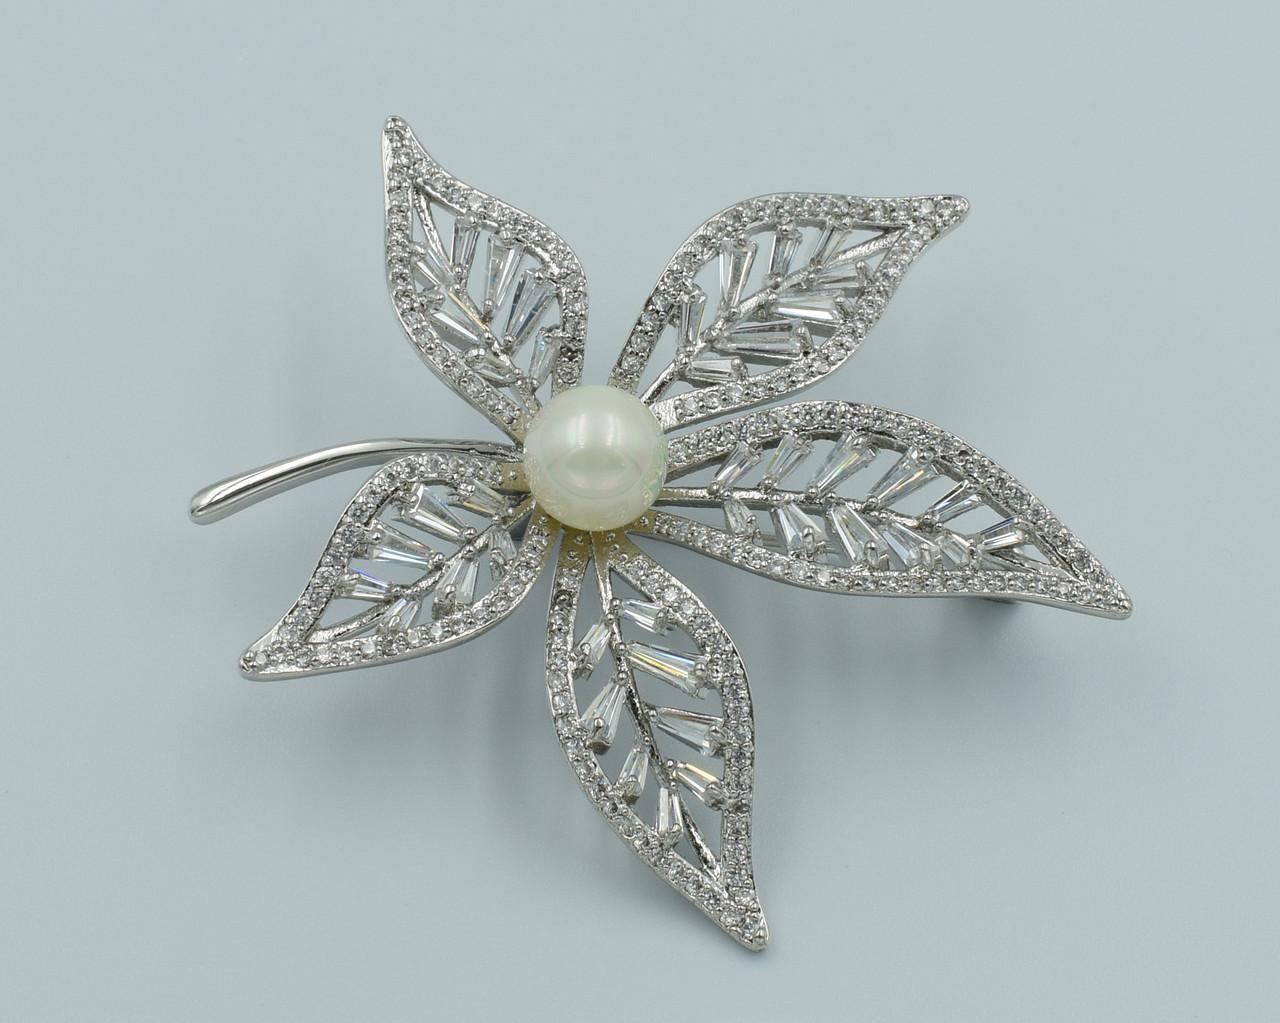 XUPING Брошь Родий листик из белых цирконов с жемчужиной Ширина 4,5см, Длина 5,5см